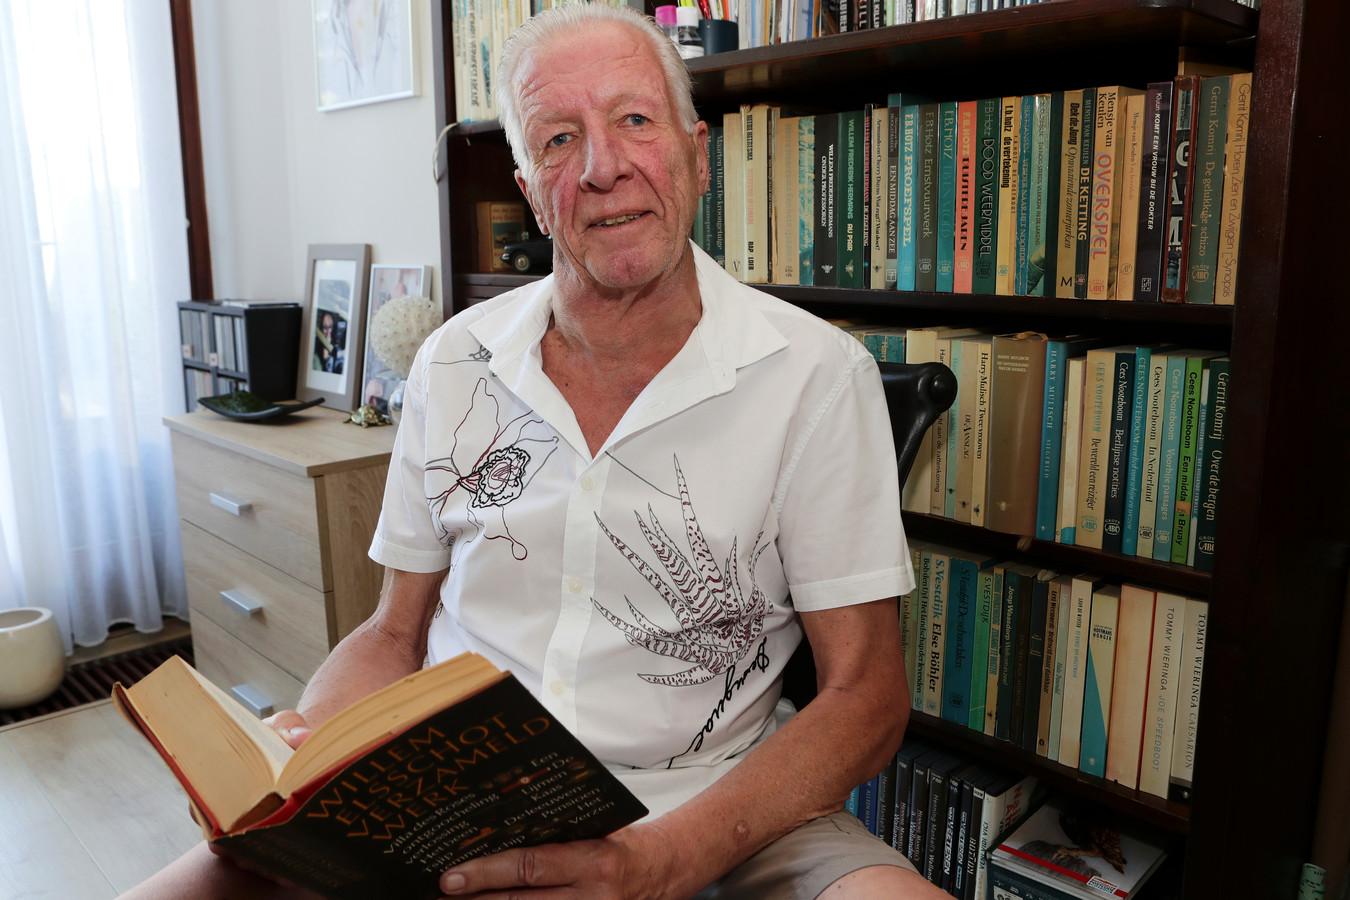 Ton Lohman (66) voor zijn boekenkast, bladerend in het verzameld werk van Willem Elsschot, zijn 'absolute favoriet'.